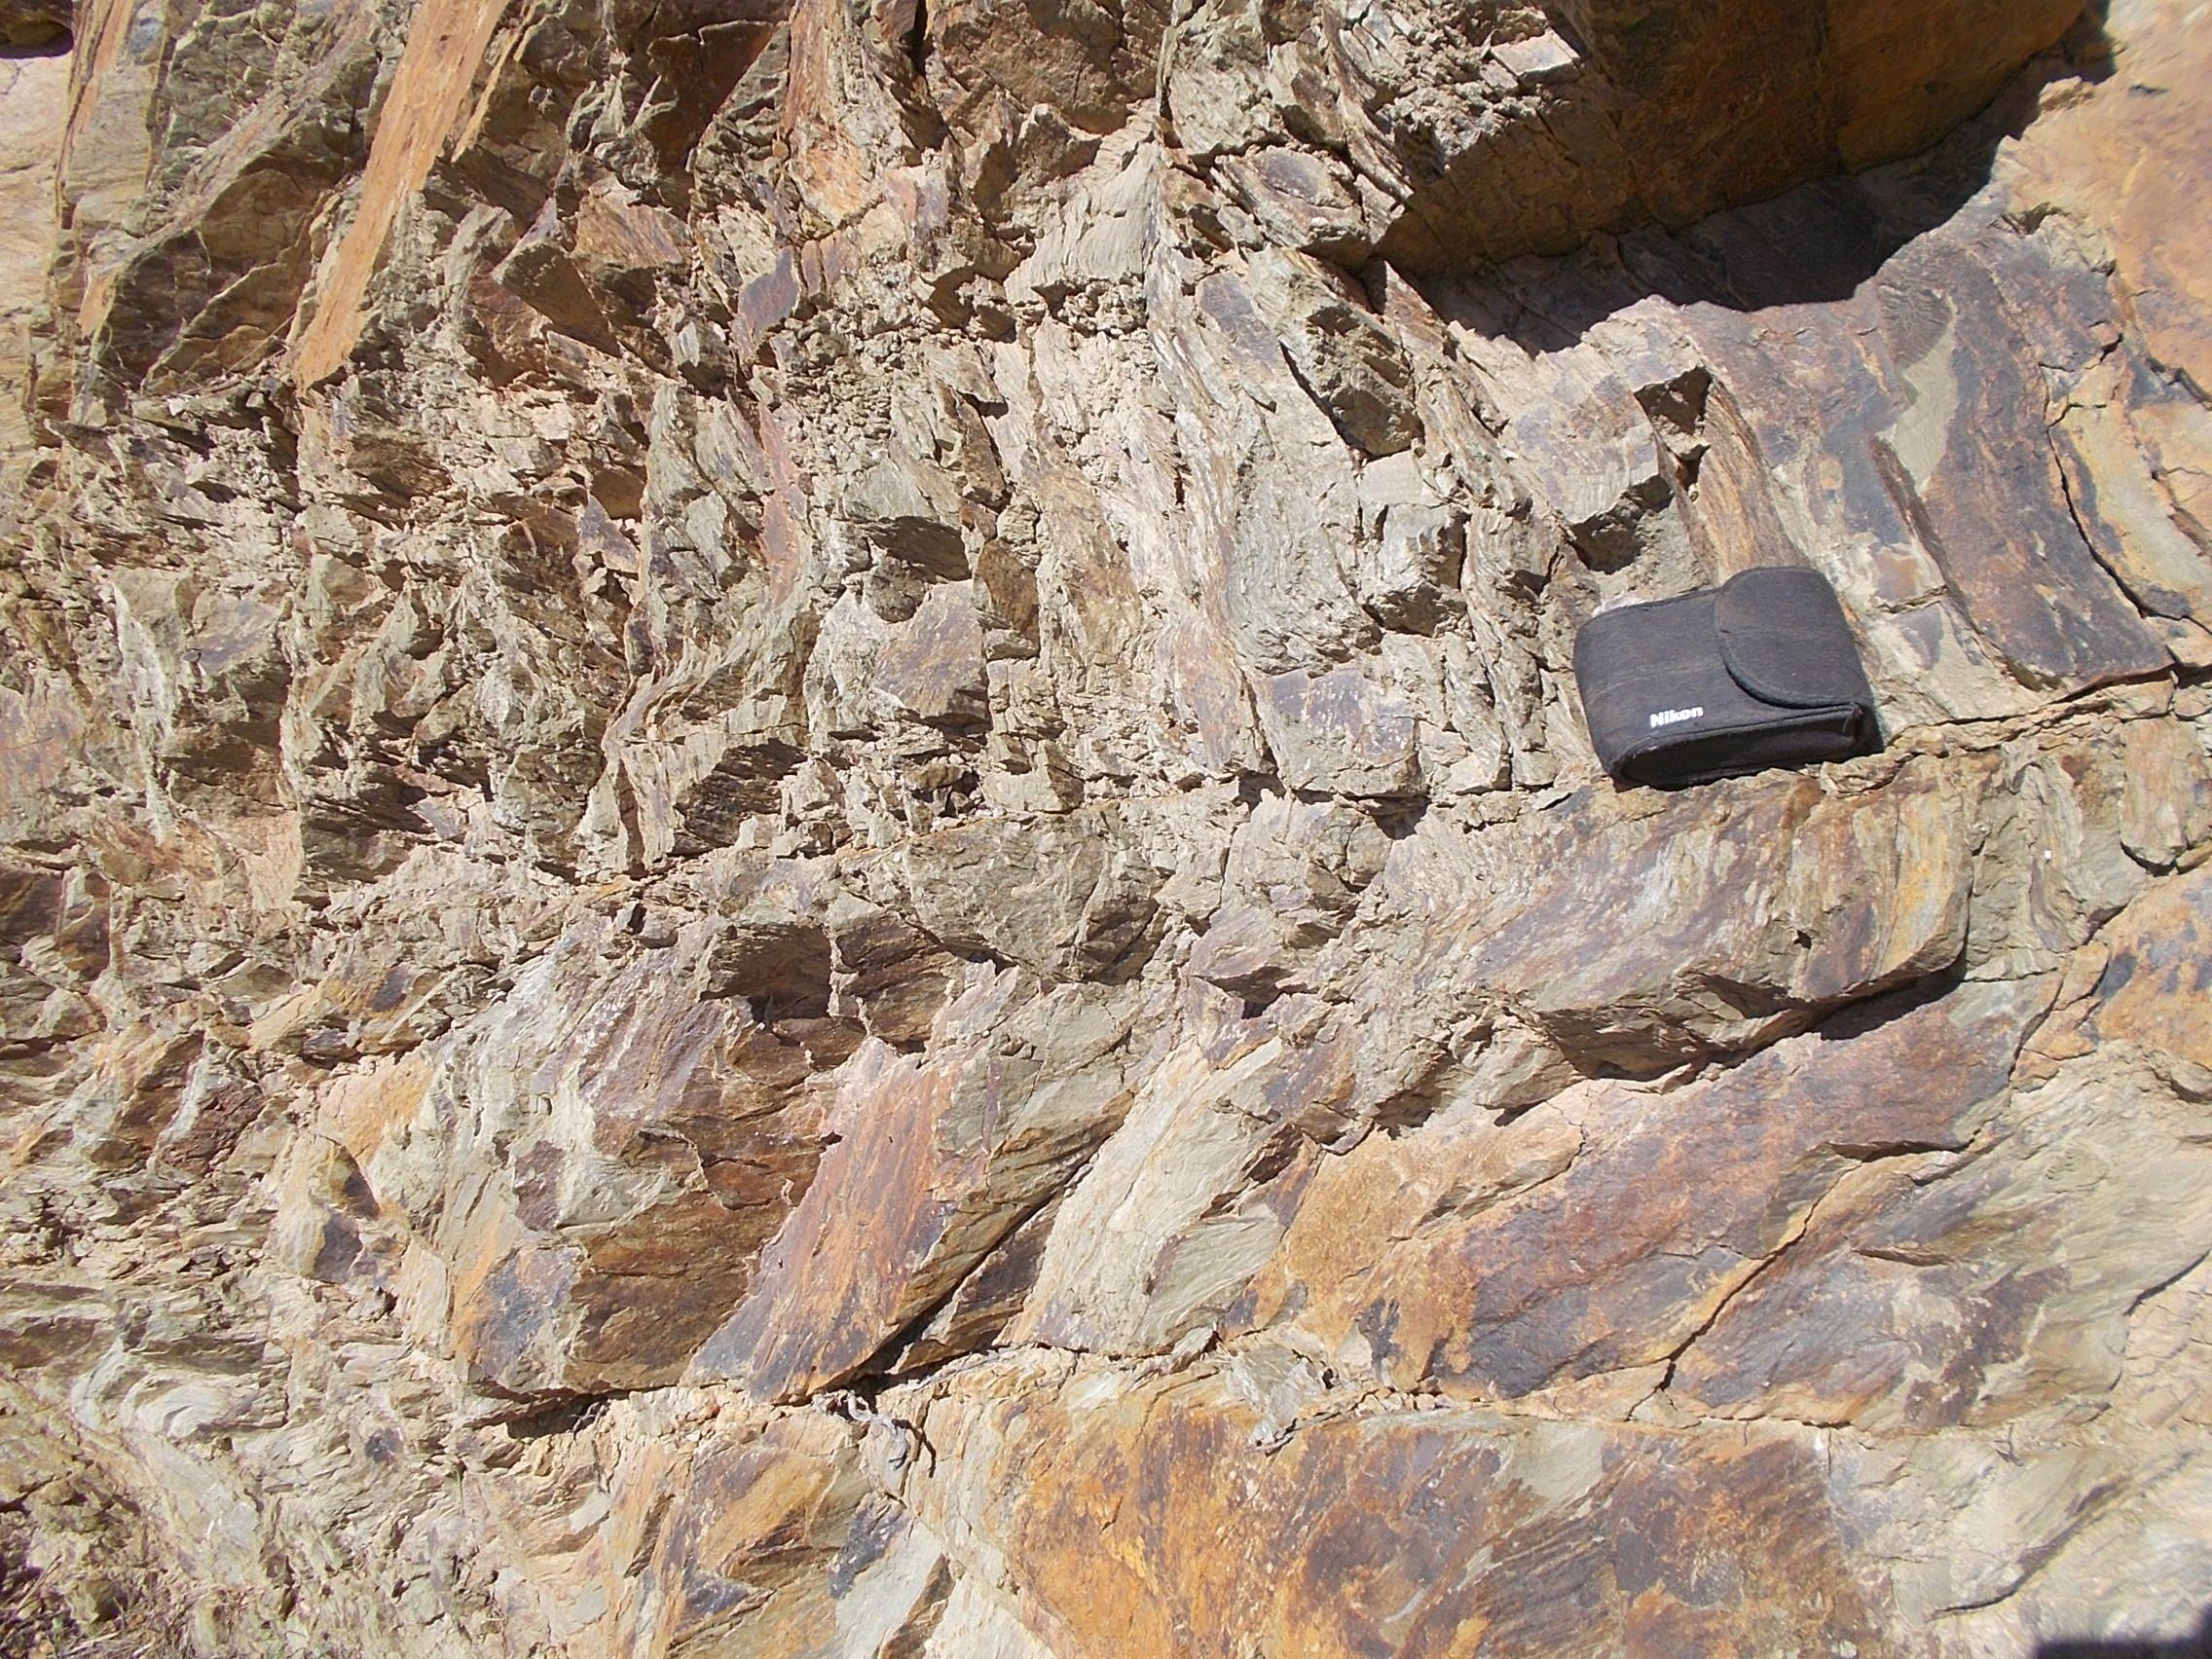 G2 Estudis Geotecnics